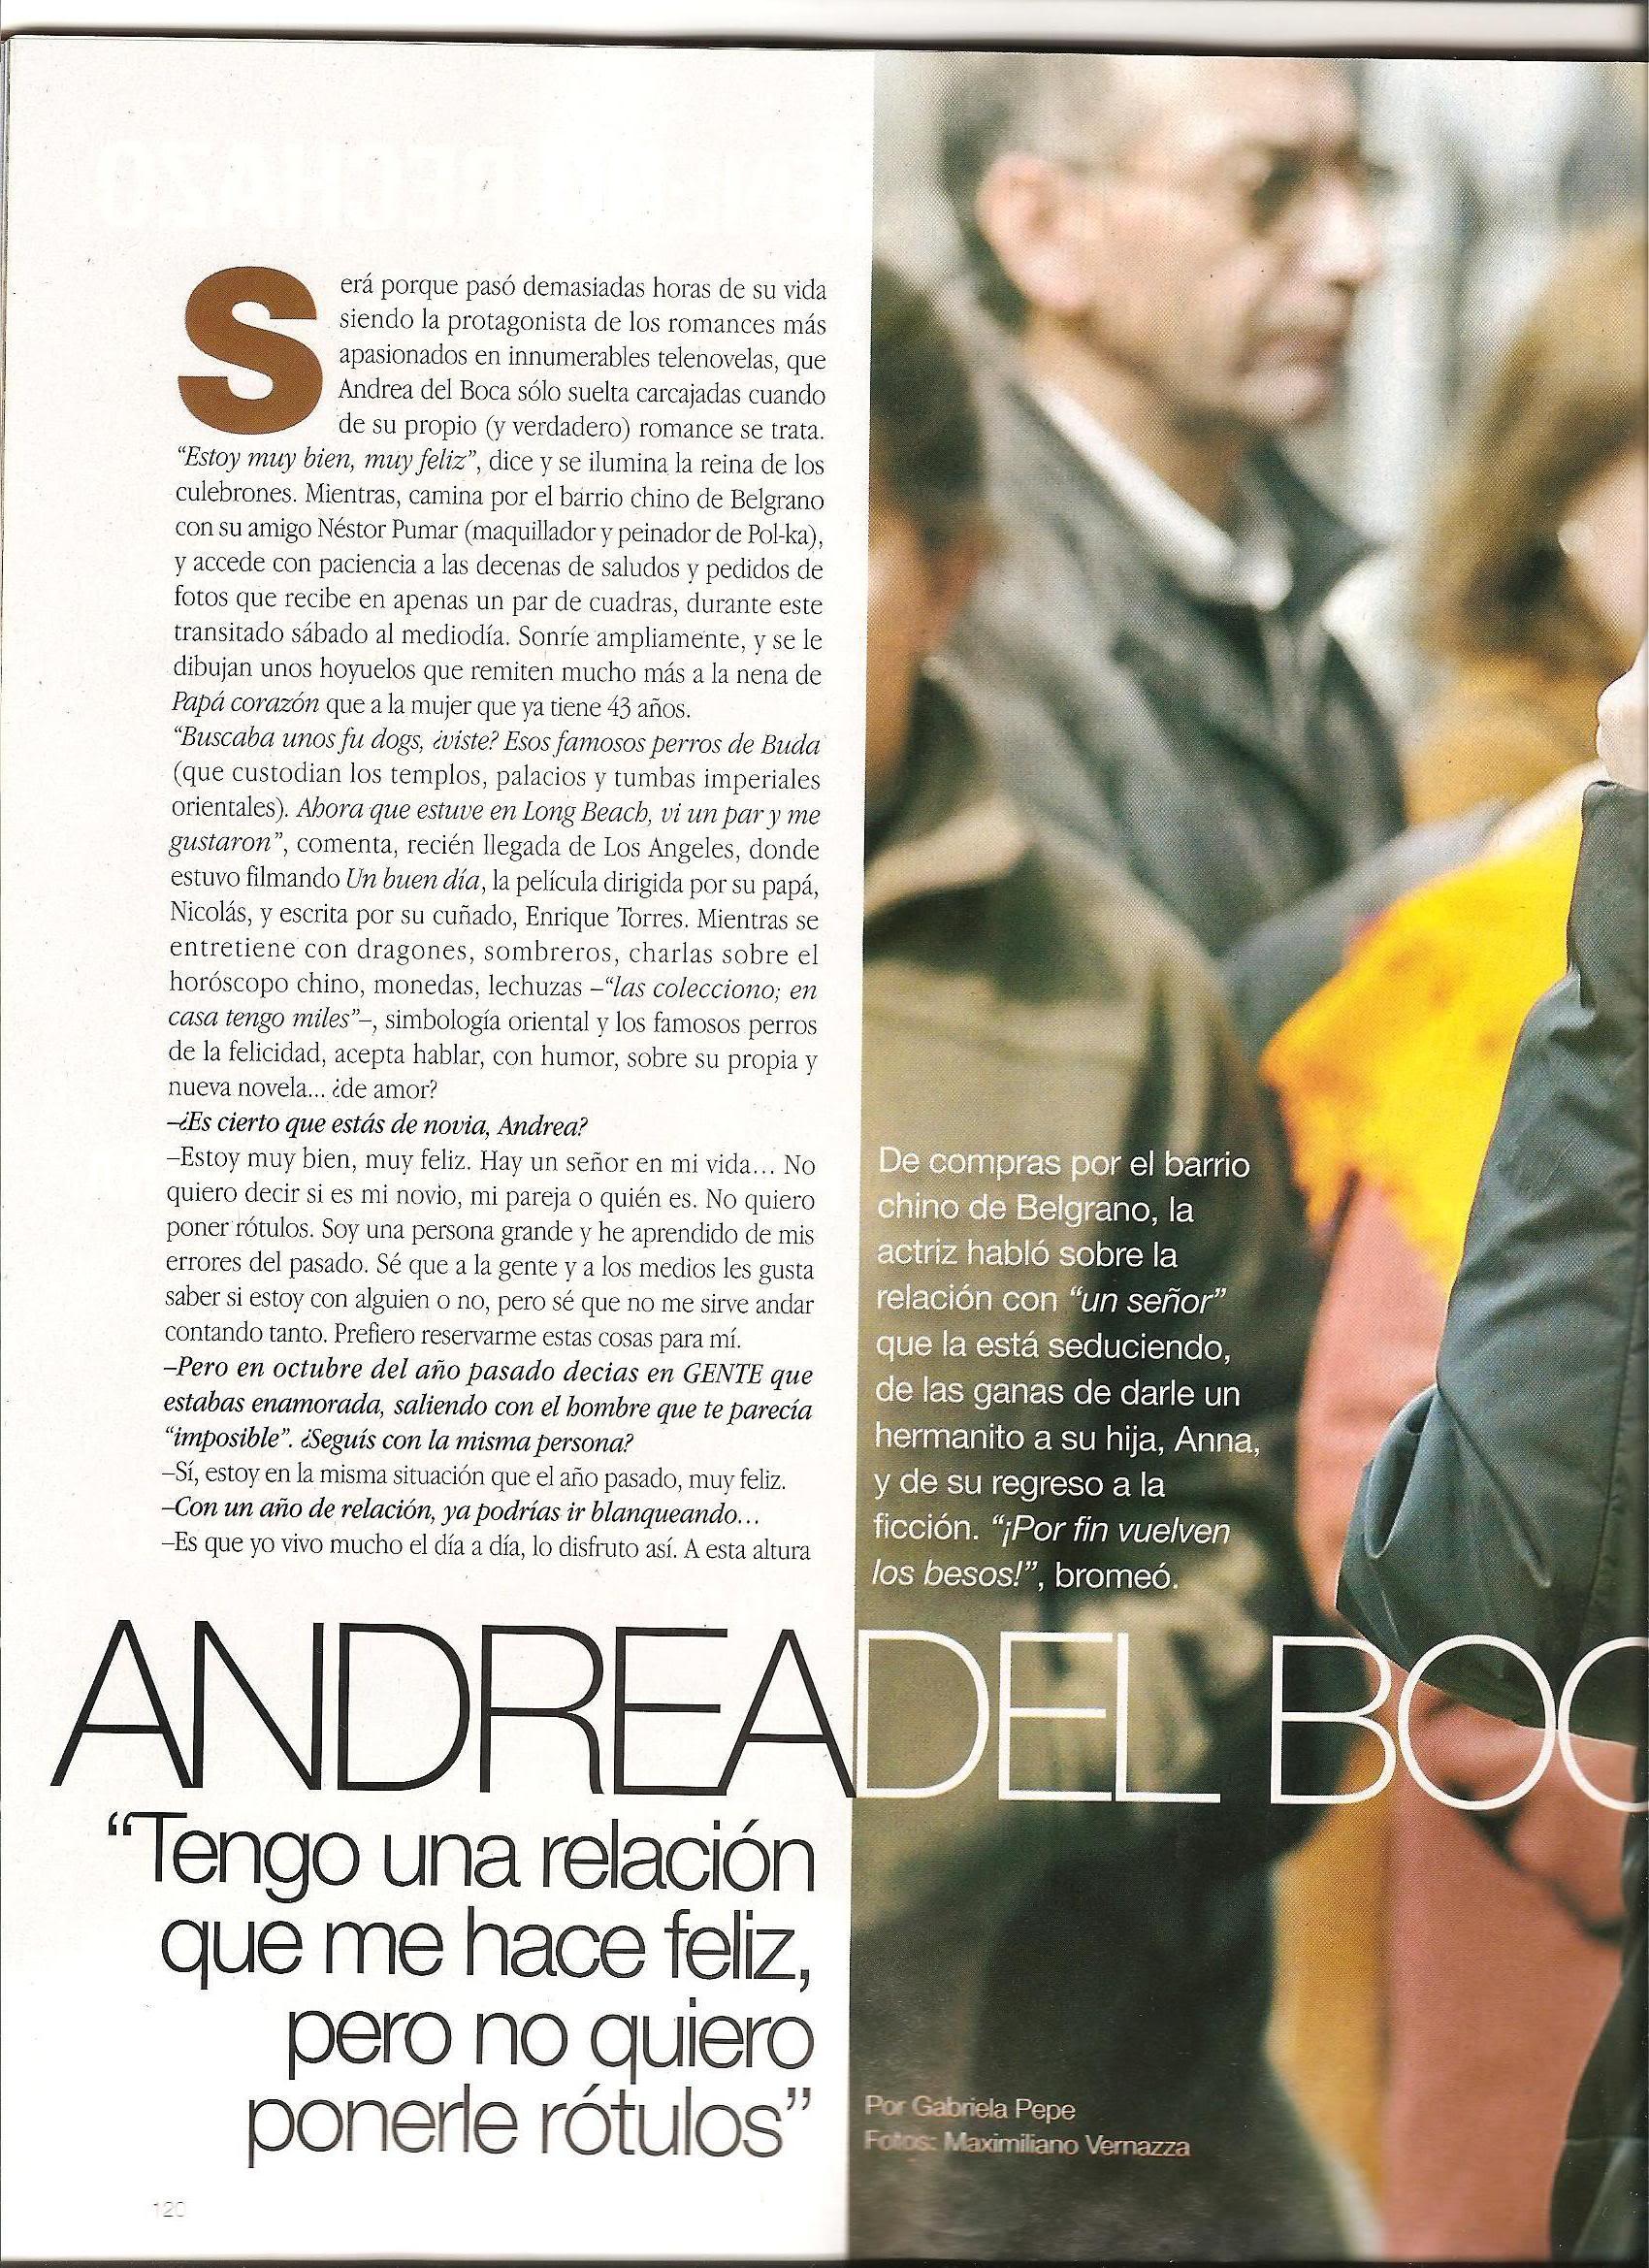 Andrea en revistas (agosto 2009) Imagen008